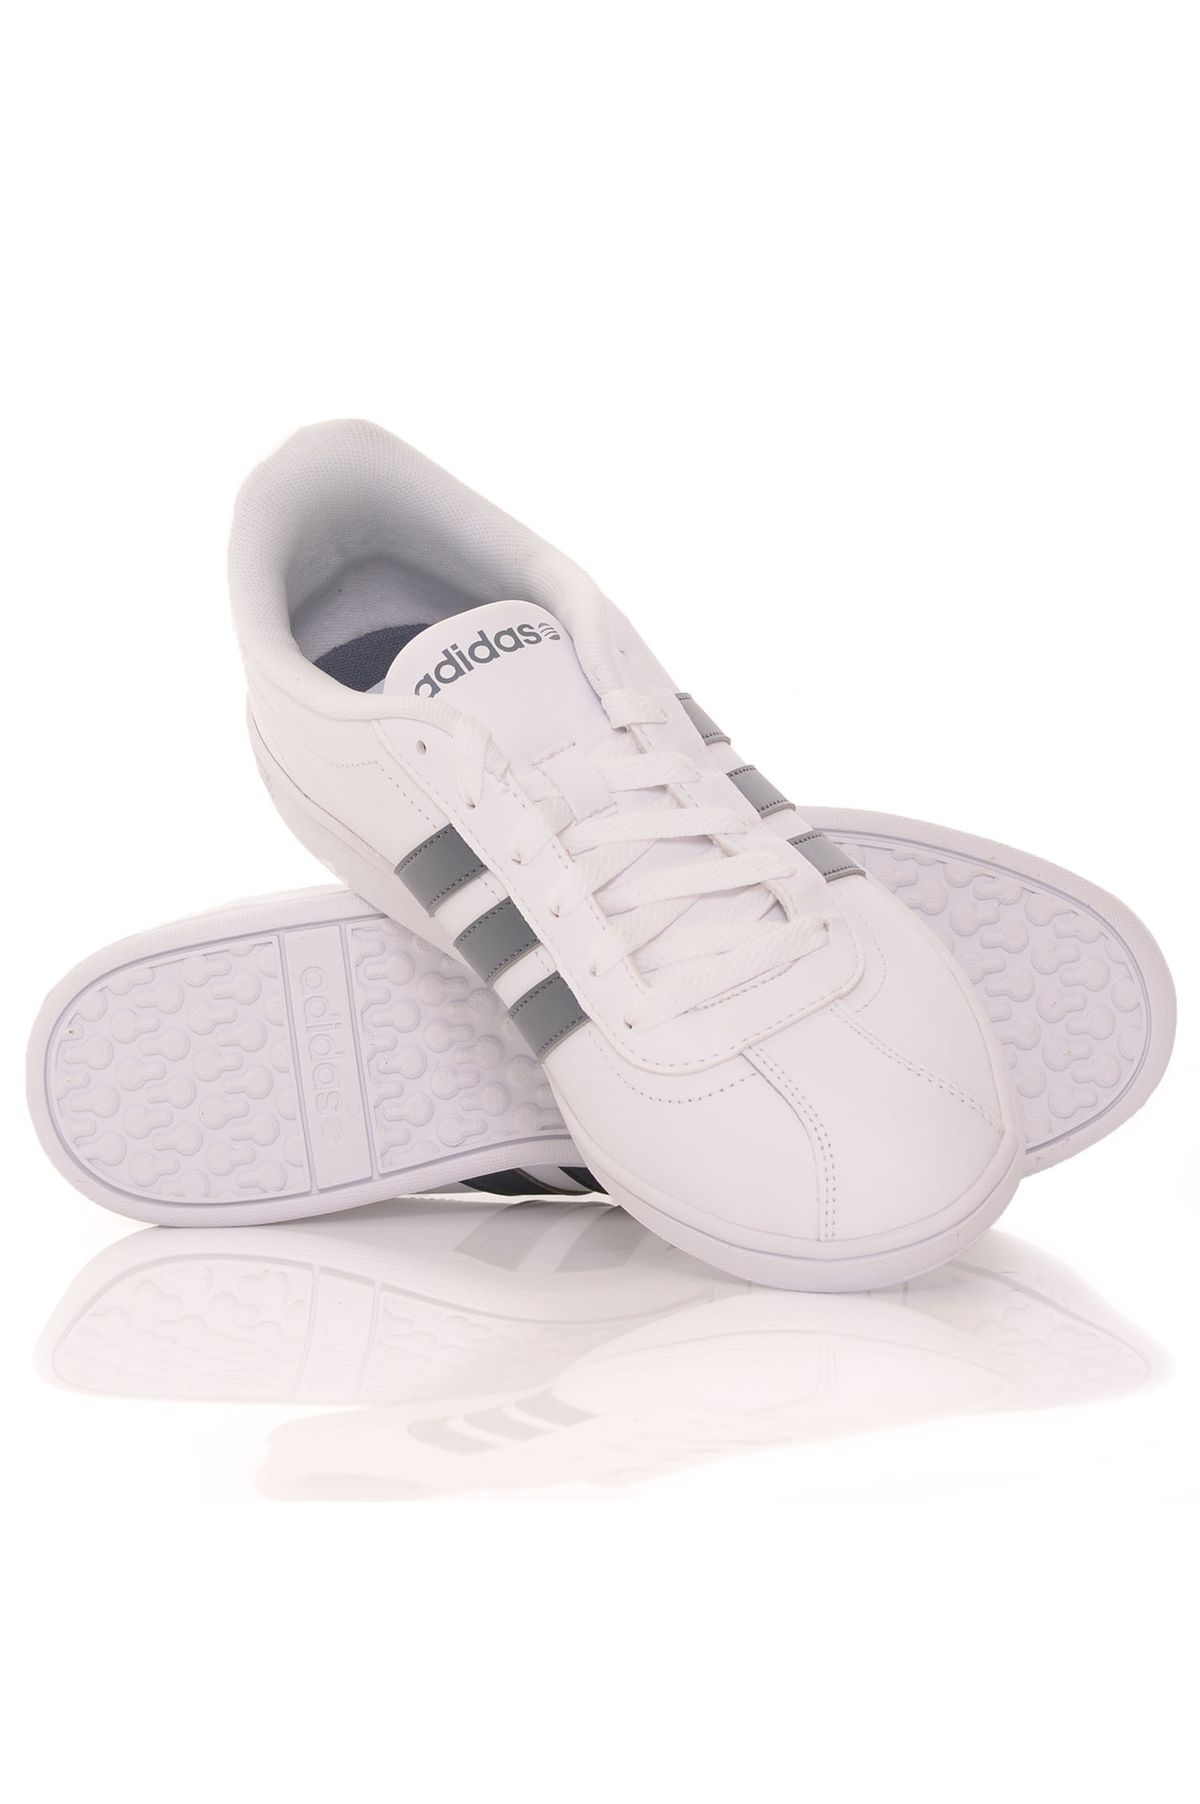 08dffa9429 Tênis Adidas Vlneo Court White